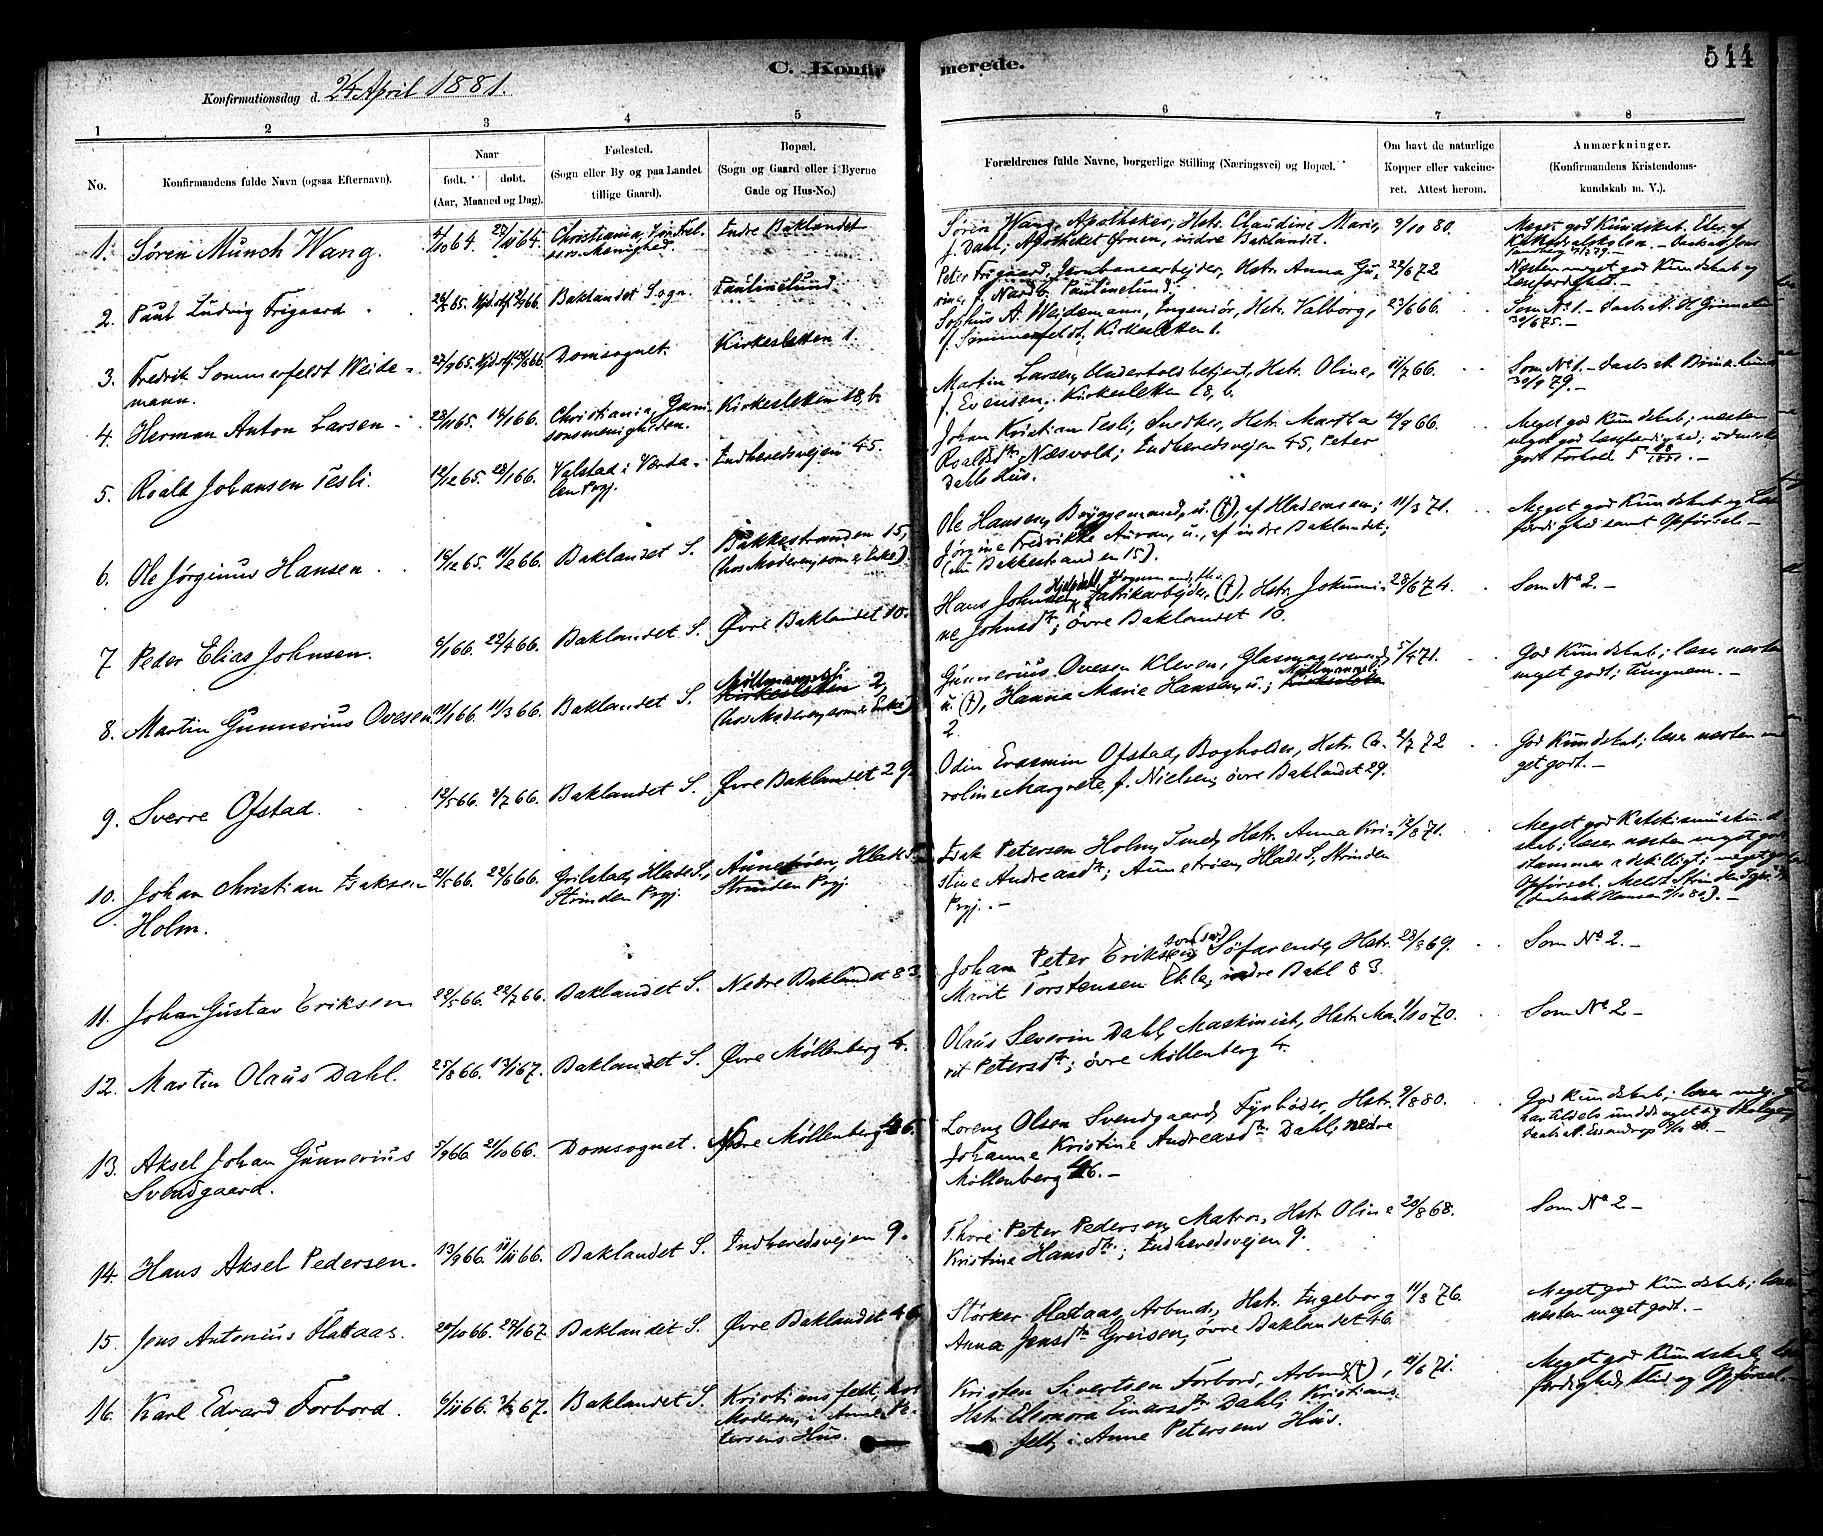 SAT, Ministerialprotokoller, klokkerbøker og fødselsregistre - Sør-Trøndelag, 604/L0188: Ministerialbok nr. 604A09, 1878-1892, s. 544